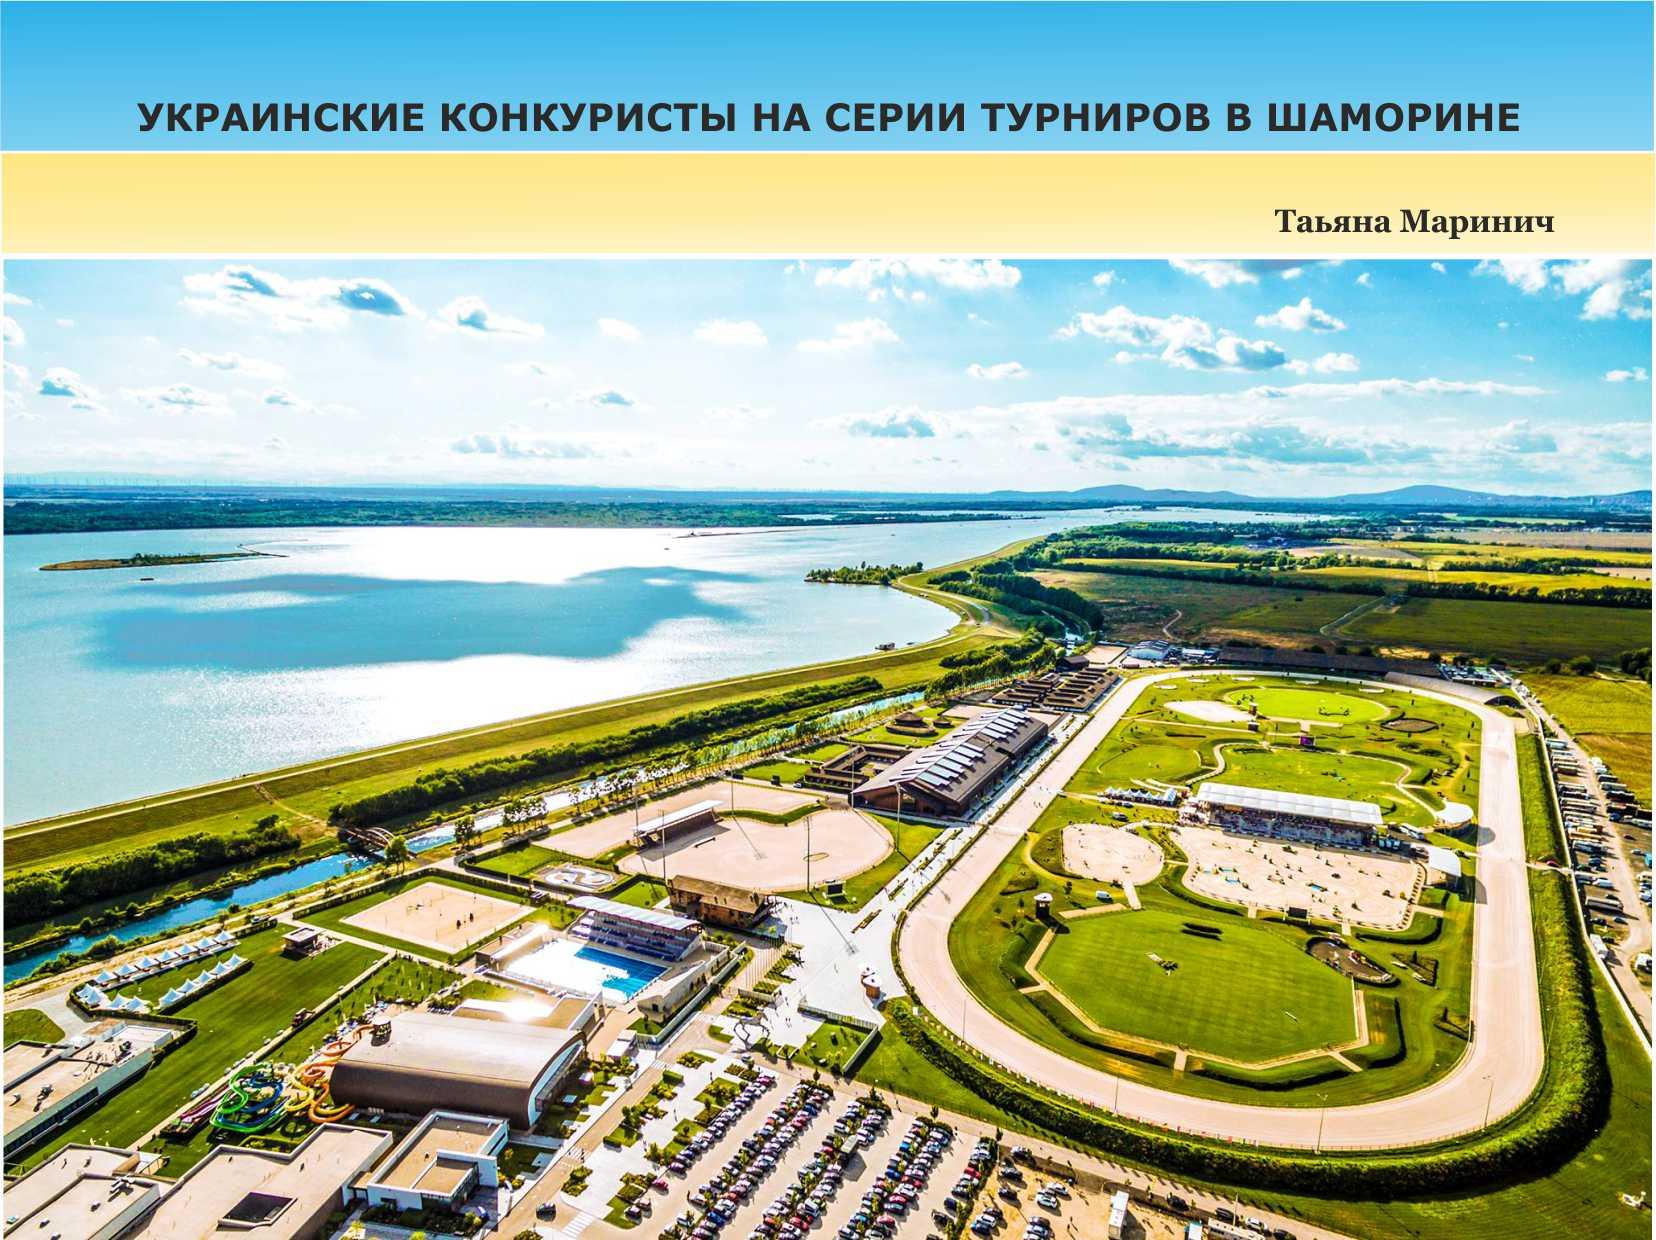 Украинские конкуристы на серии турниров в Шаморине_ (Выпуск журнала №41)